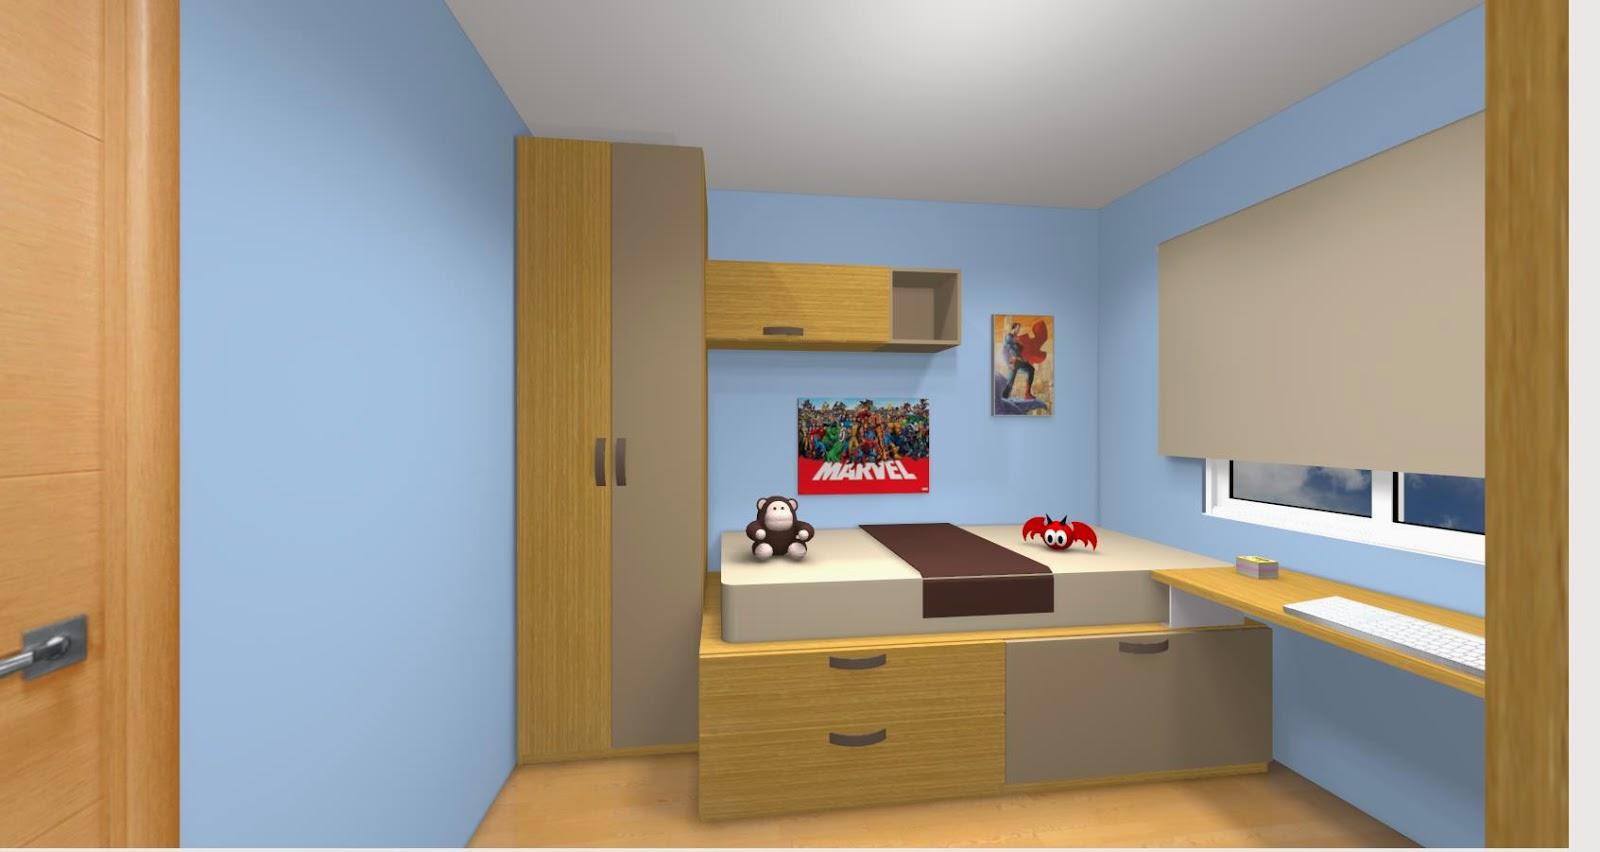 Amueblar habitacion en xikara - Cama armario debajo ...